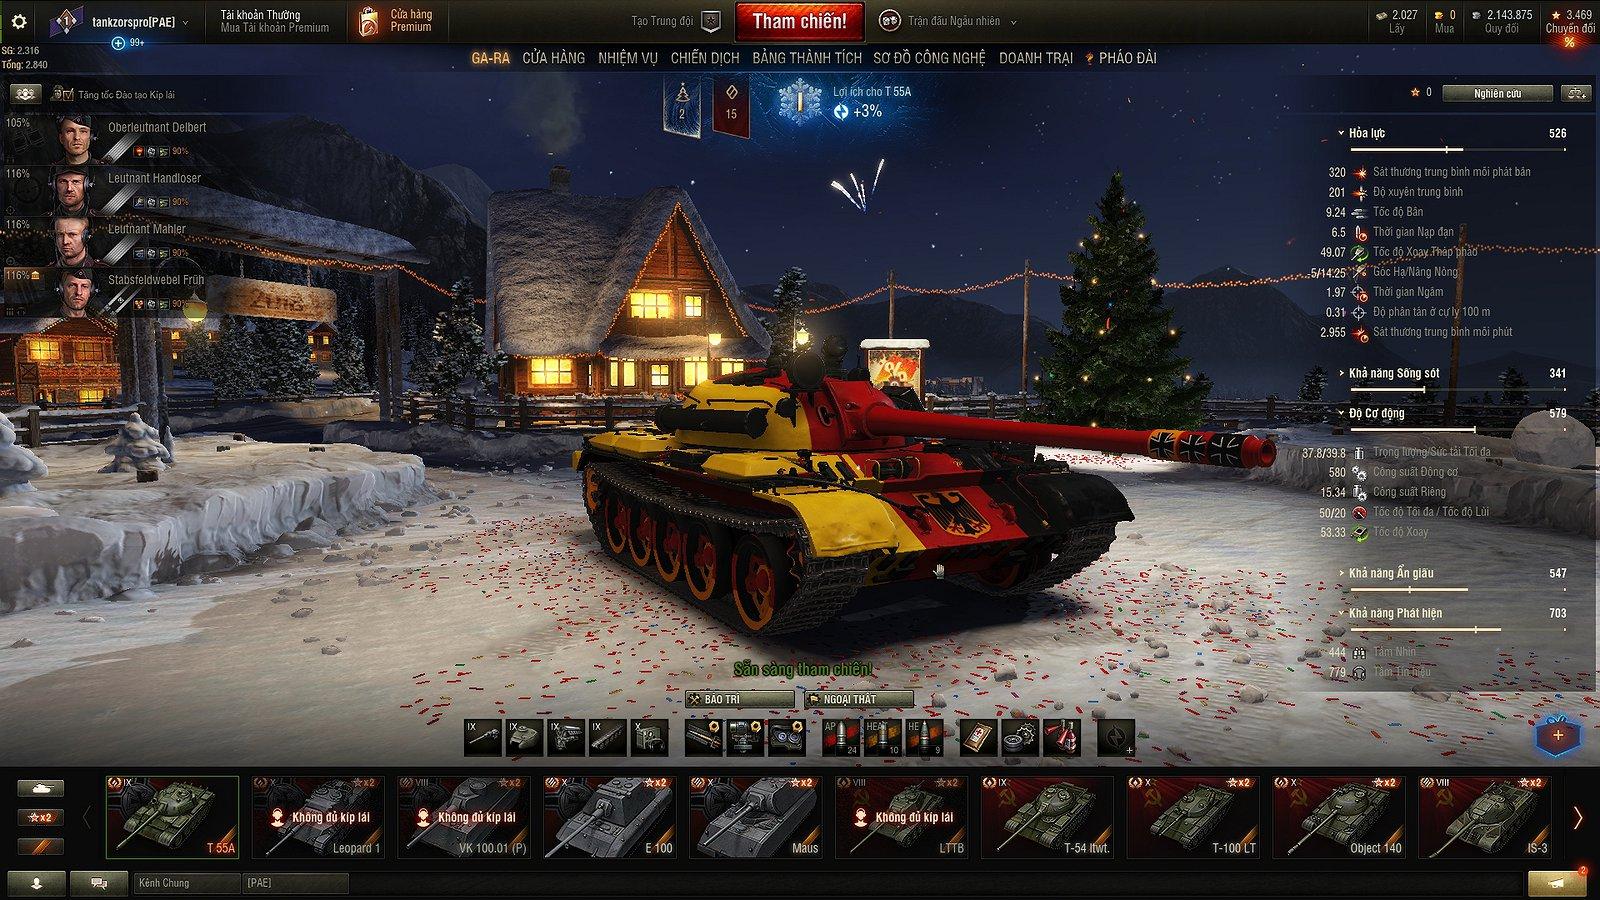 Игровые аппараты funny tanks автоматы игровые играть бесплатносекс